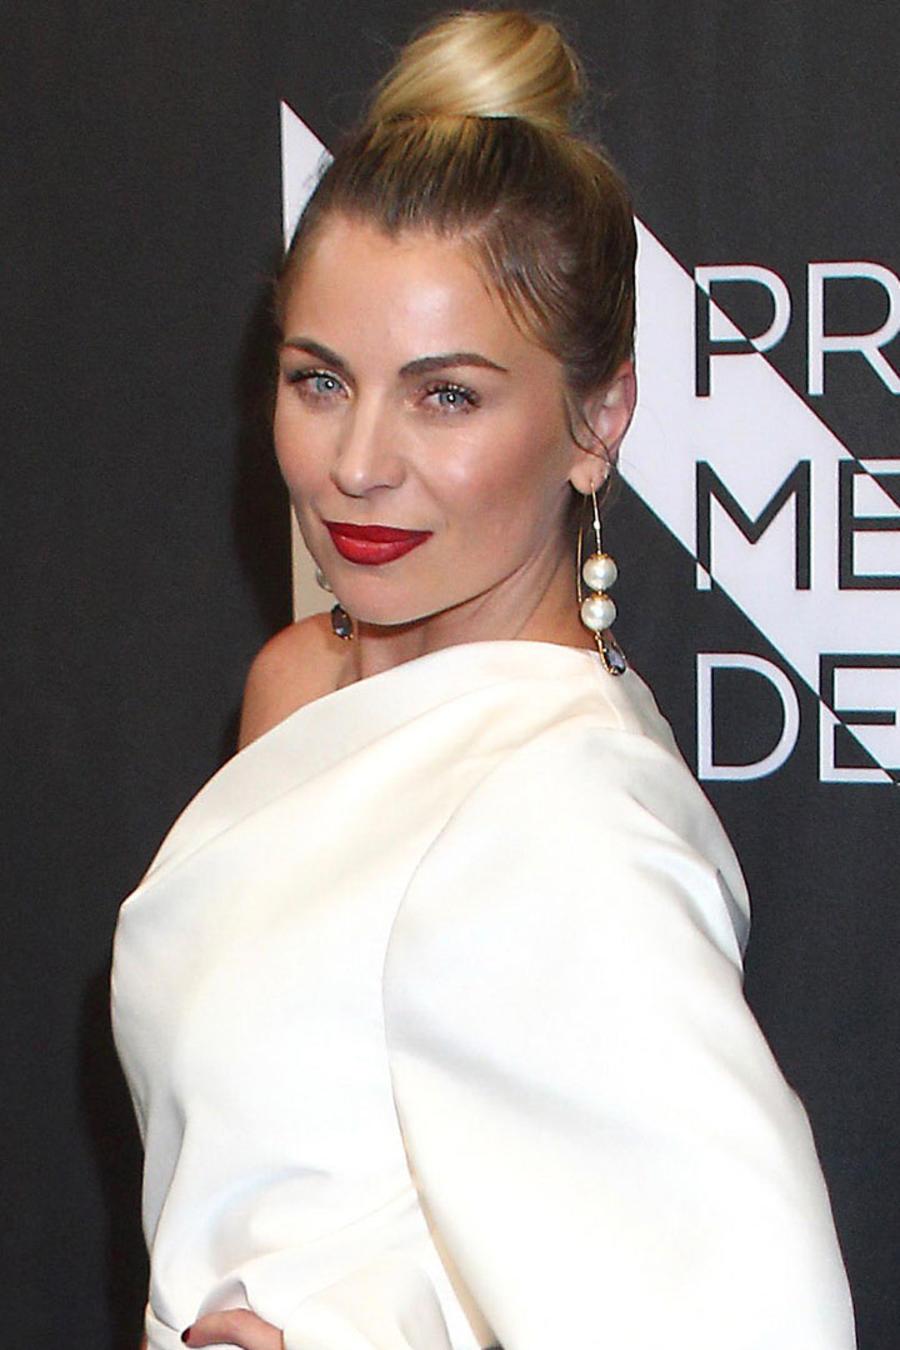 Ludwika Paleta en la alfombra roja Premios Metropolitanos de Teatro, México, 2019